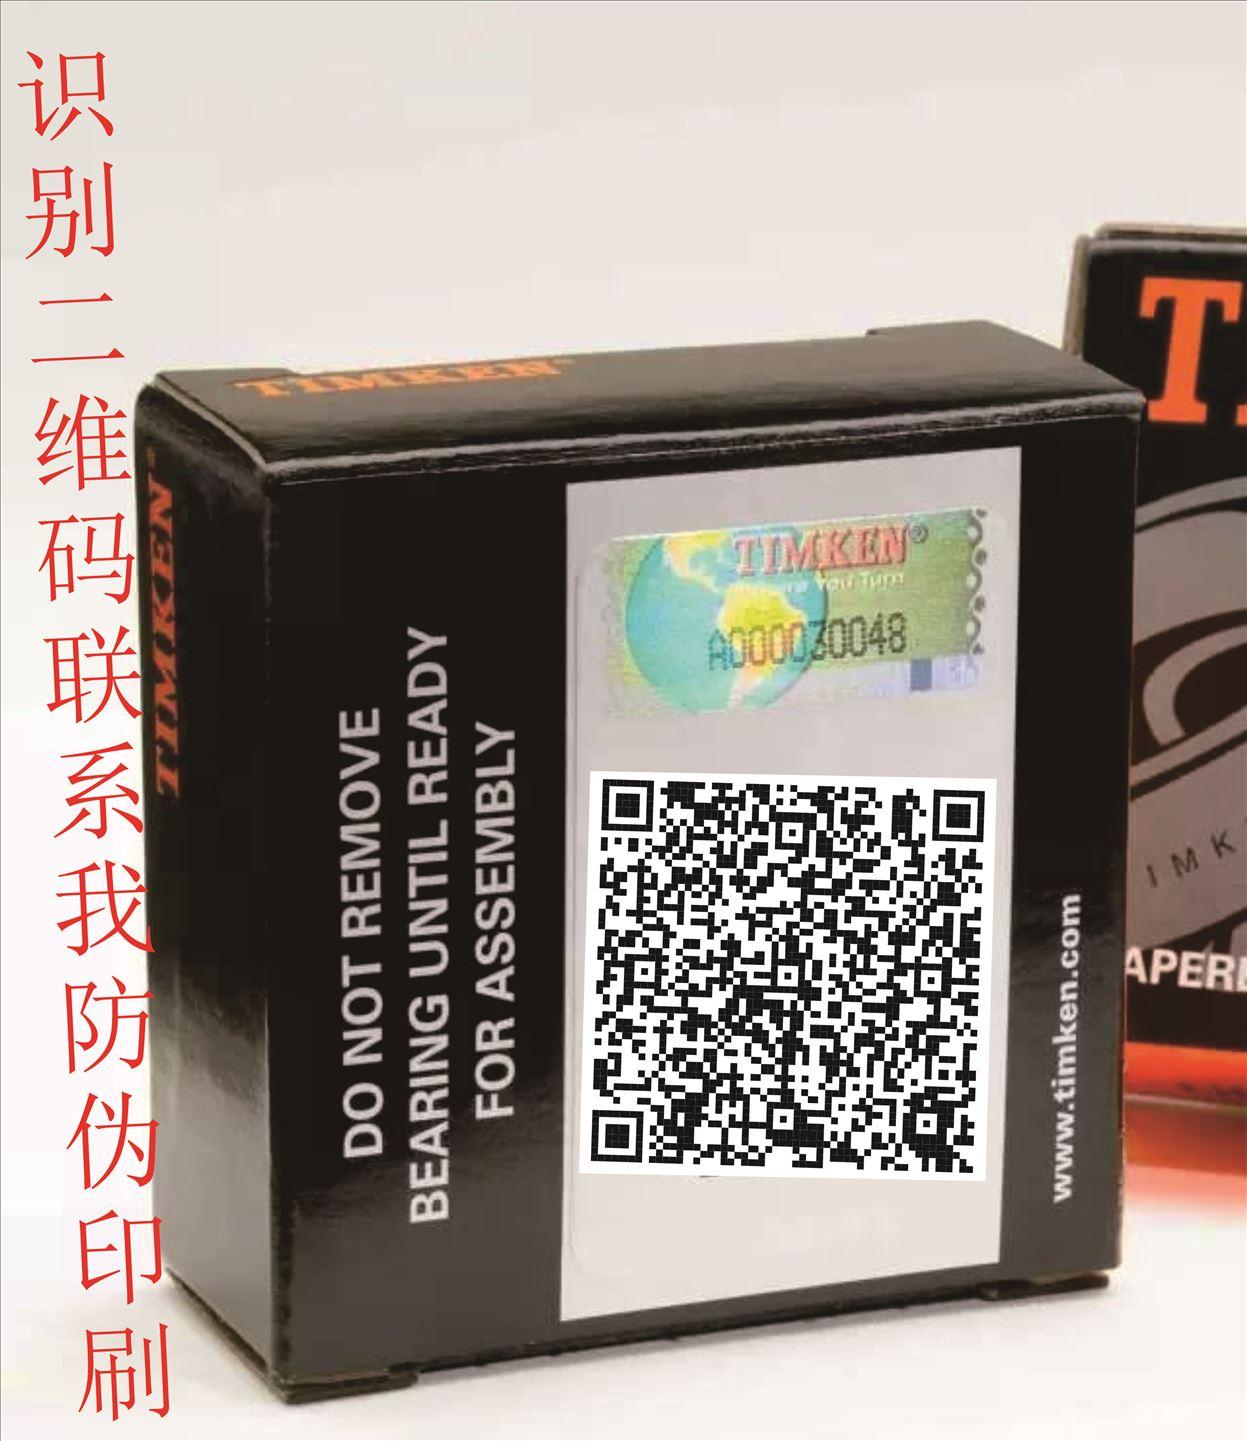 电码防伪标签技术有什么特点?,为消费者提供品质保证,